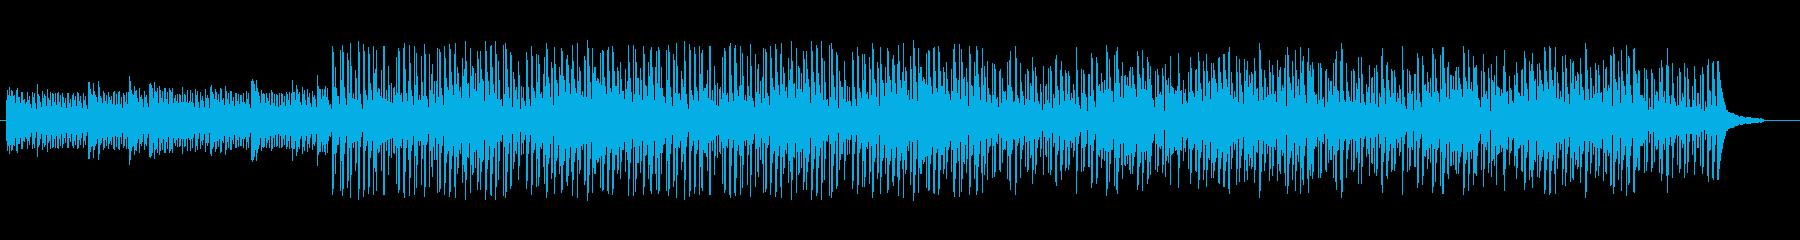 アップテンポで爽やかなピアノ音楽の再生済みの波形